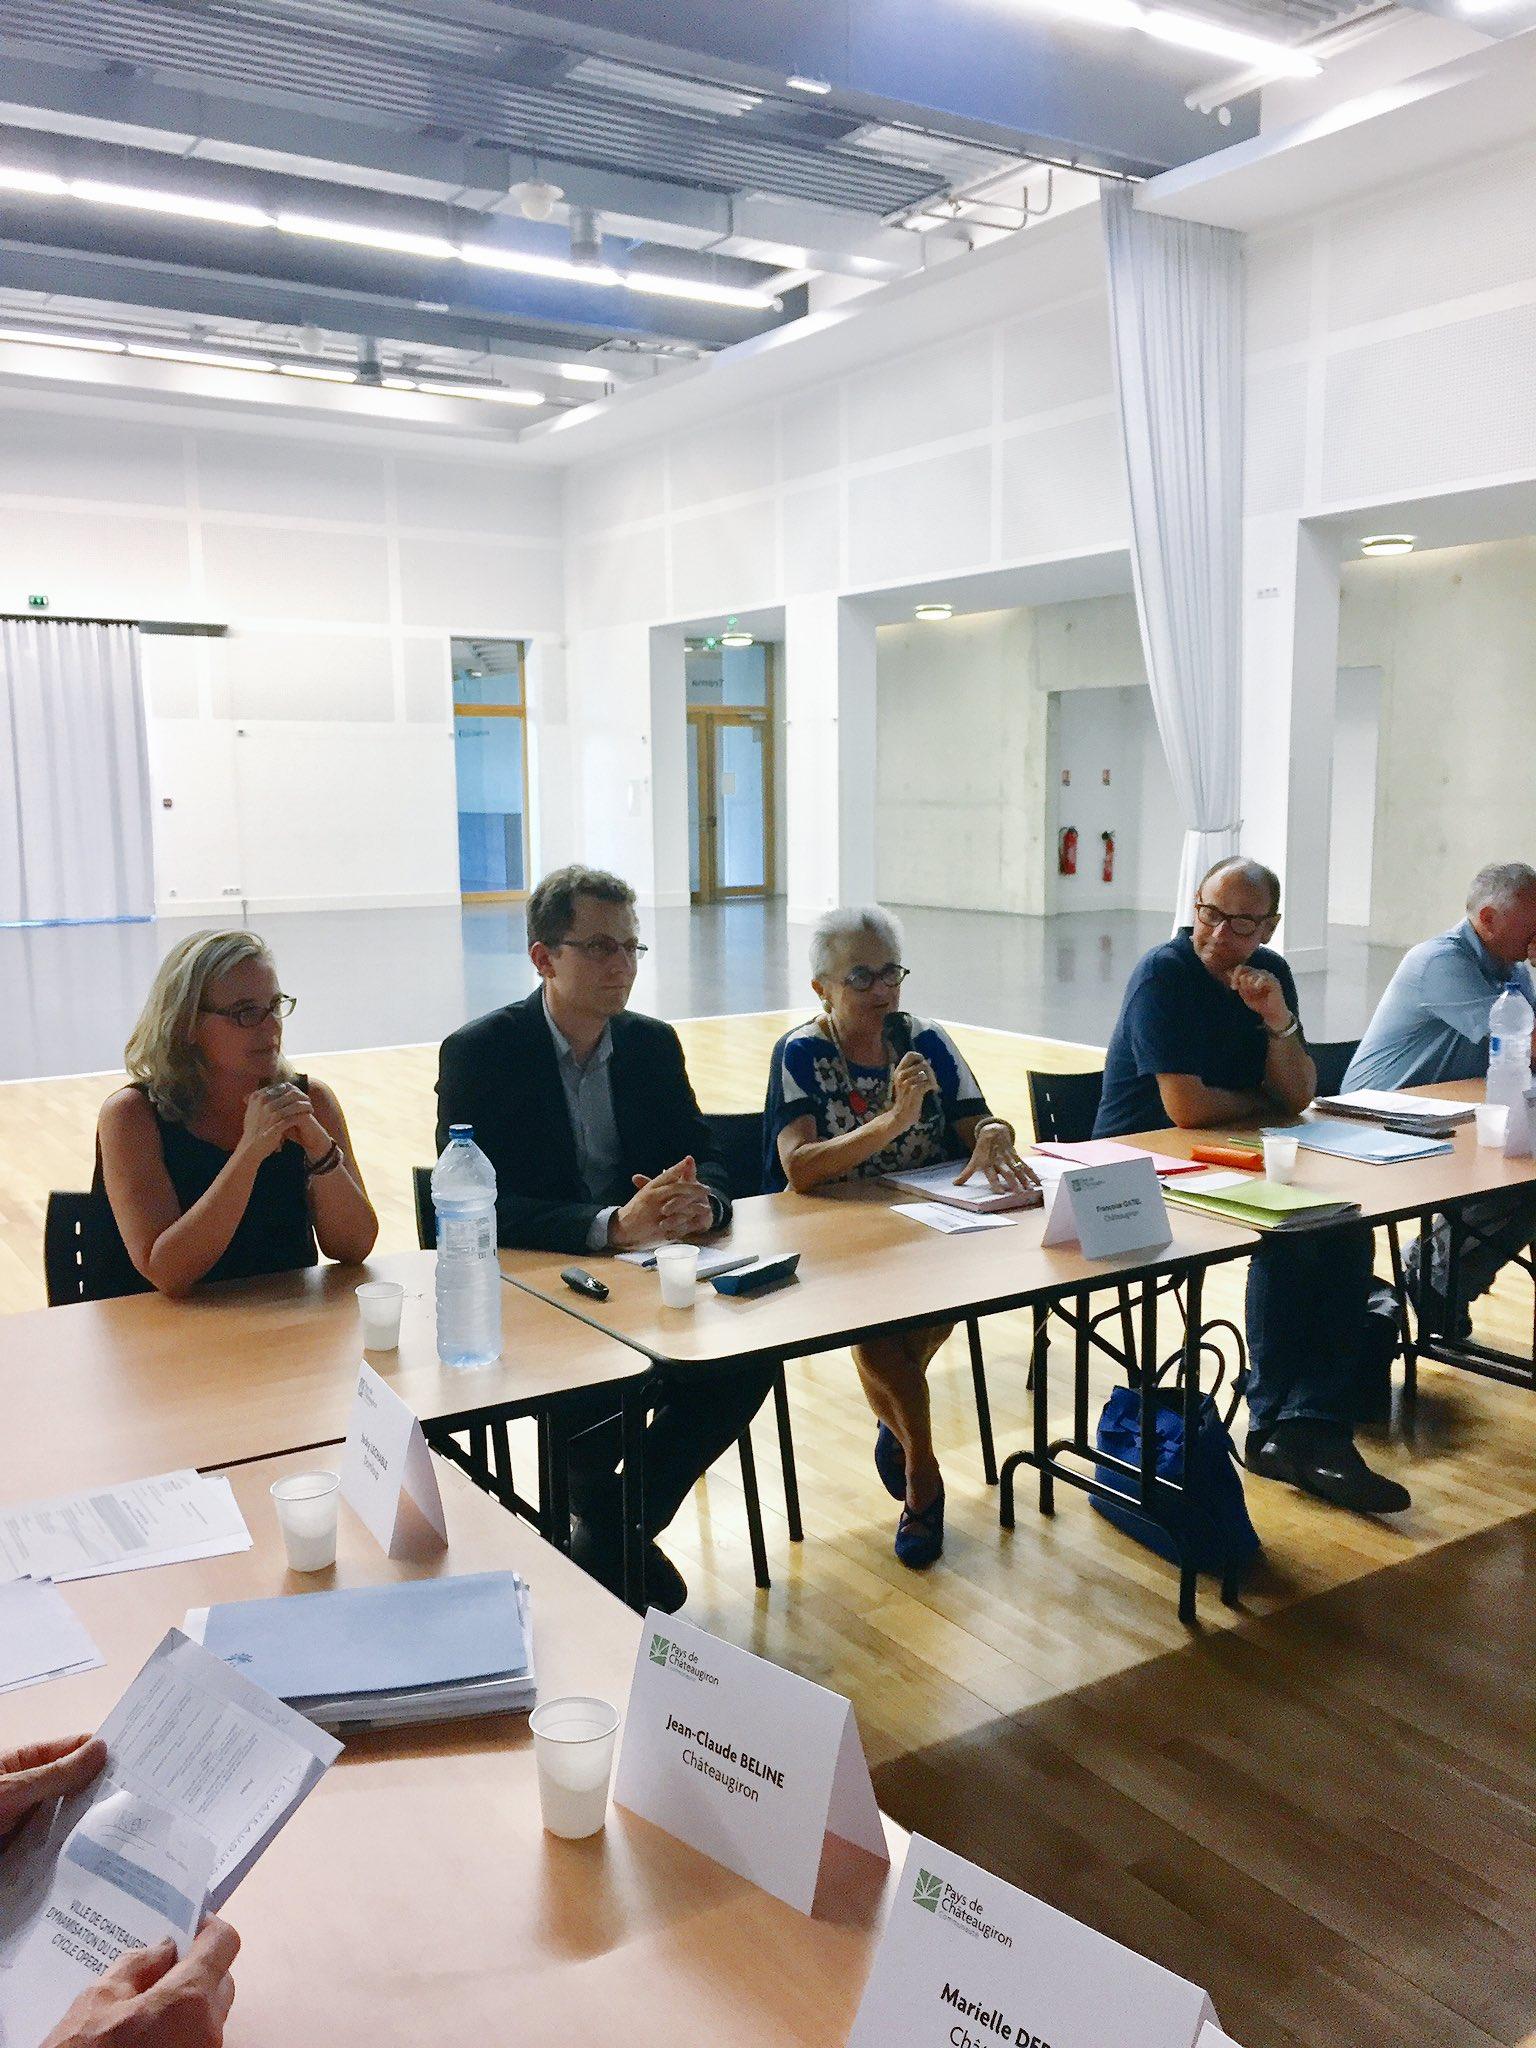 Échanges sur la phase 2 de BTHD en conseil communautaire du pays de Chateaugiron https://t.co/K76c08zltj